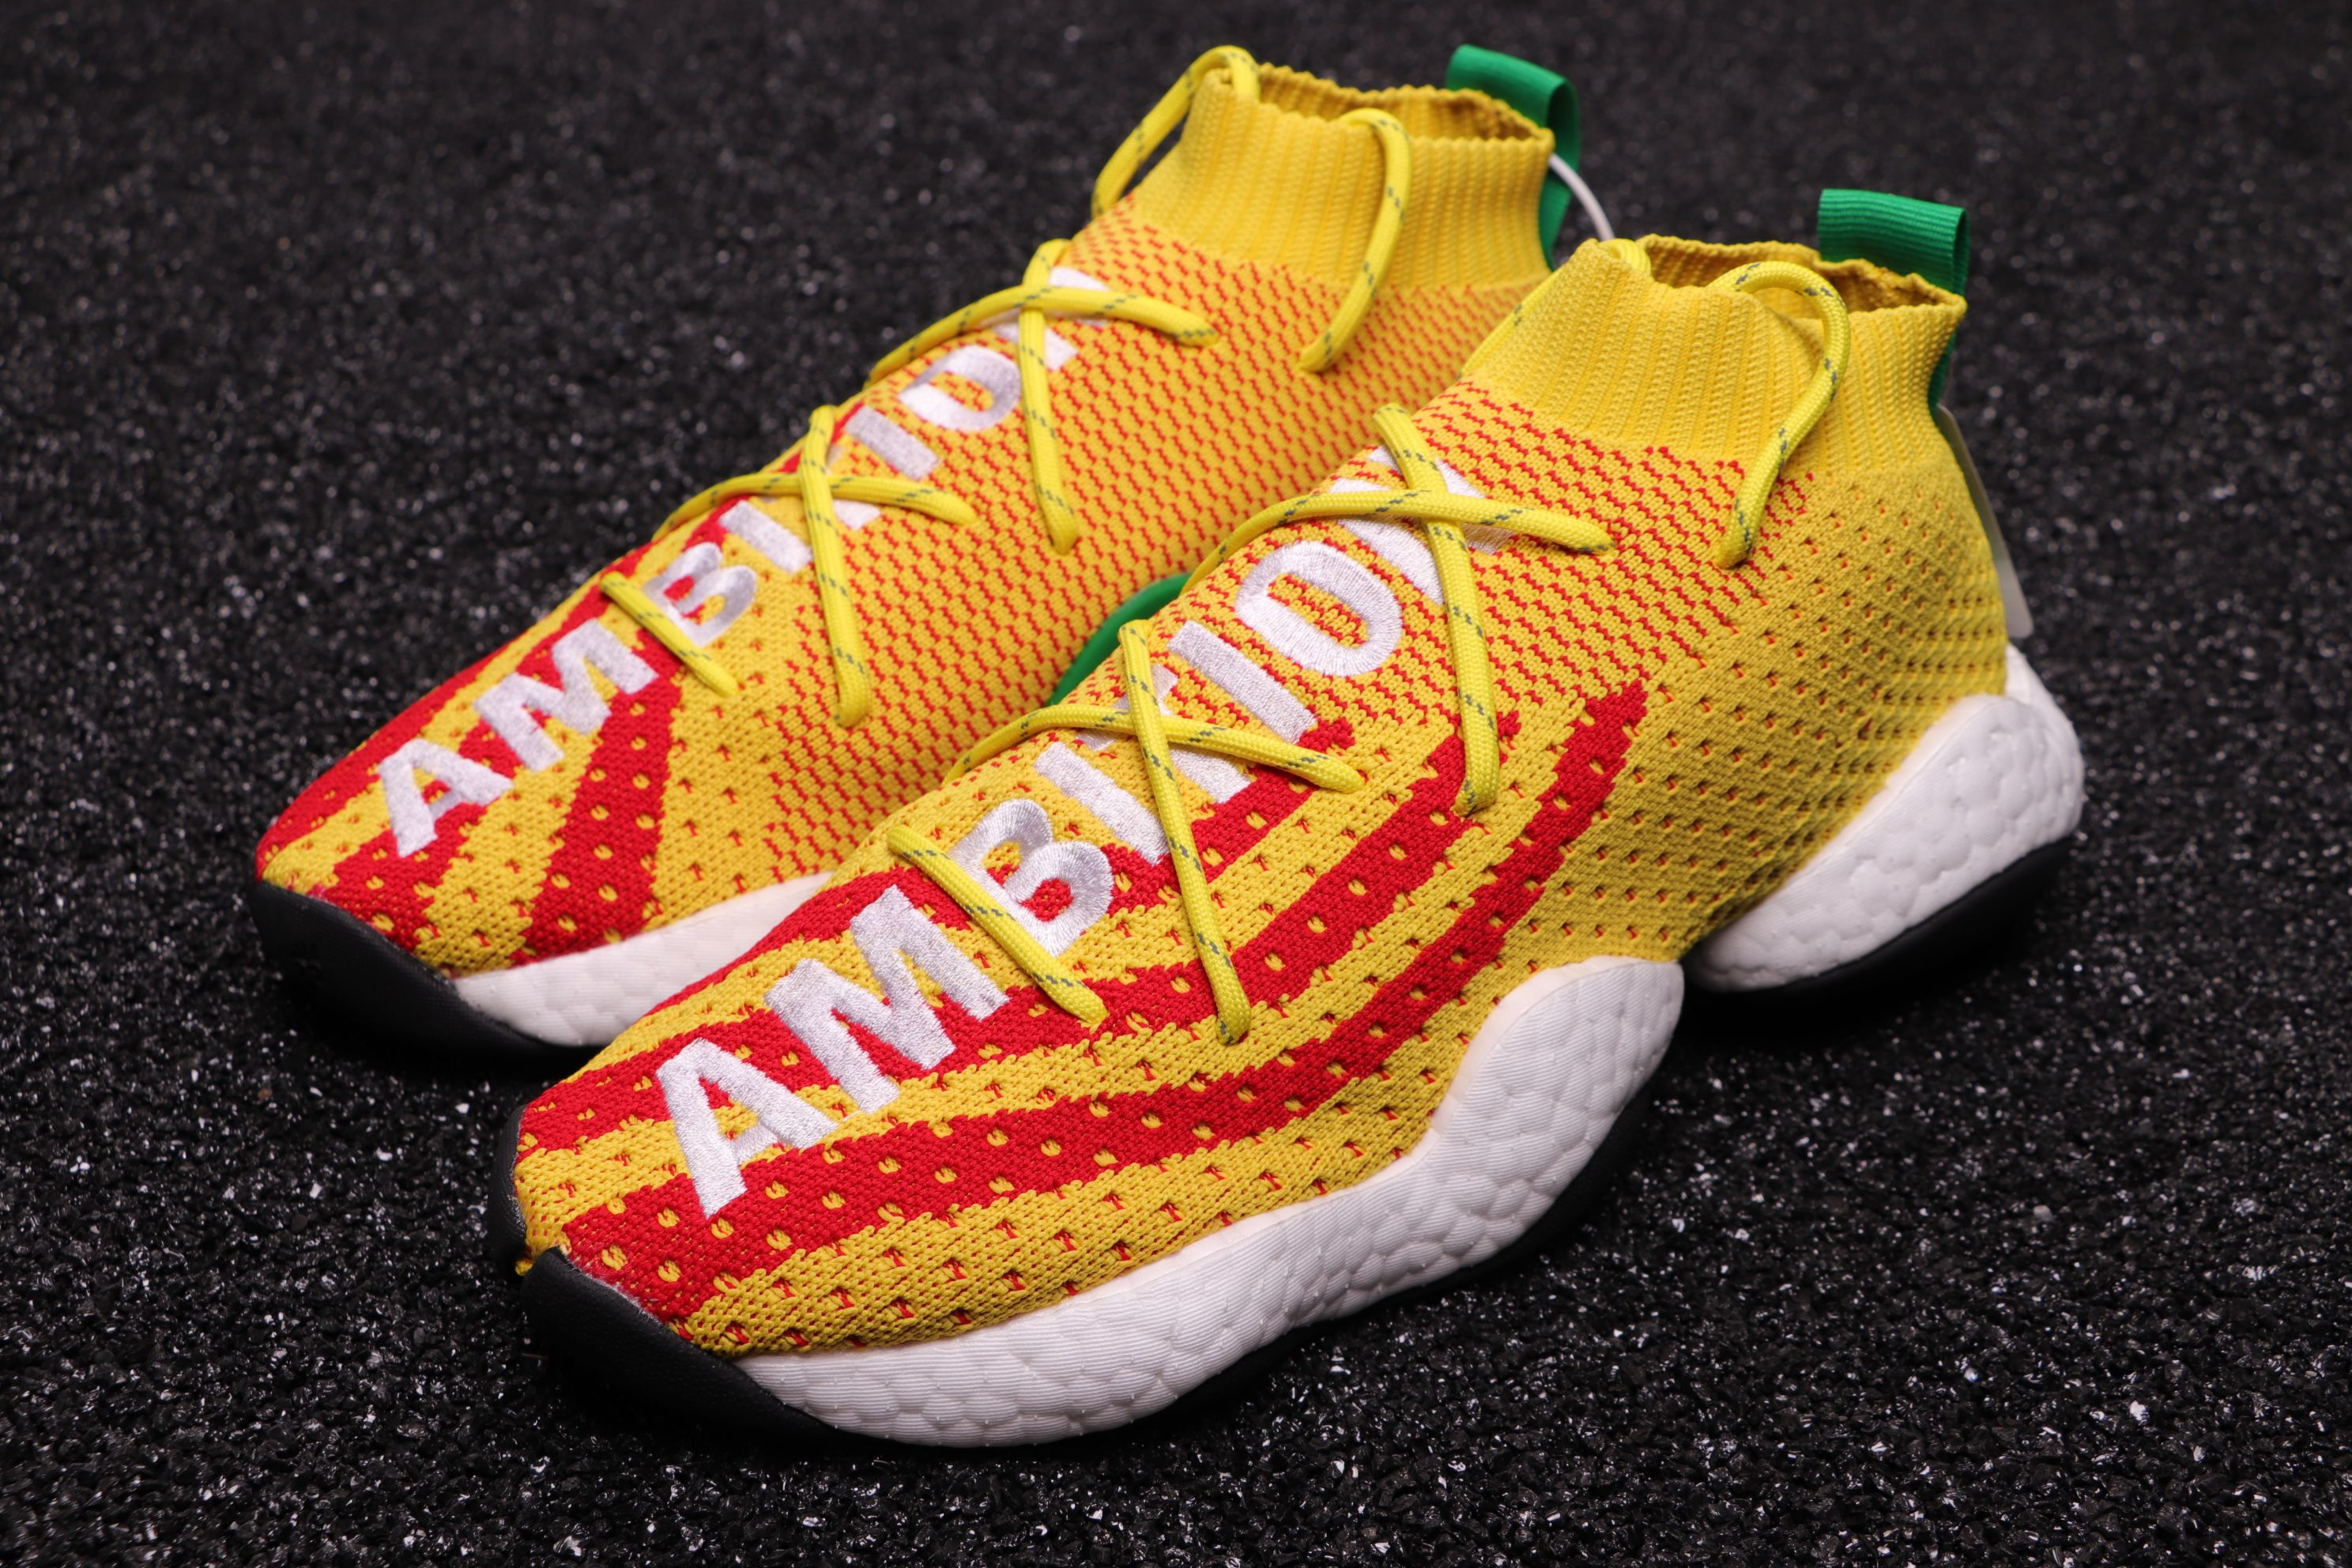 Pharrell x adidas Crazy BYW